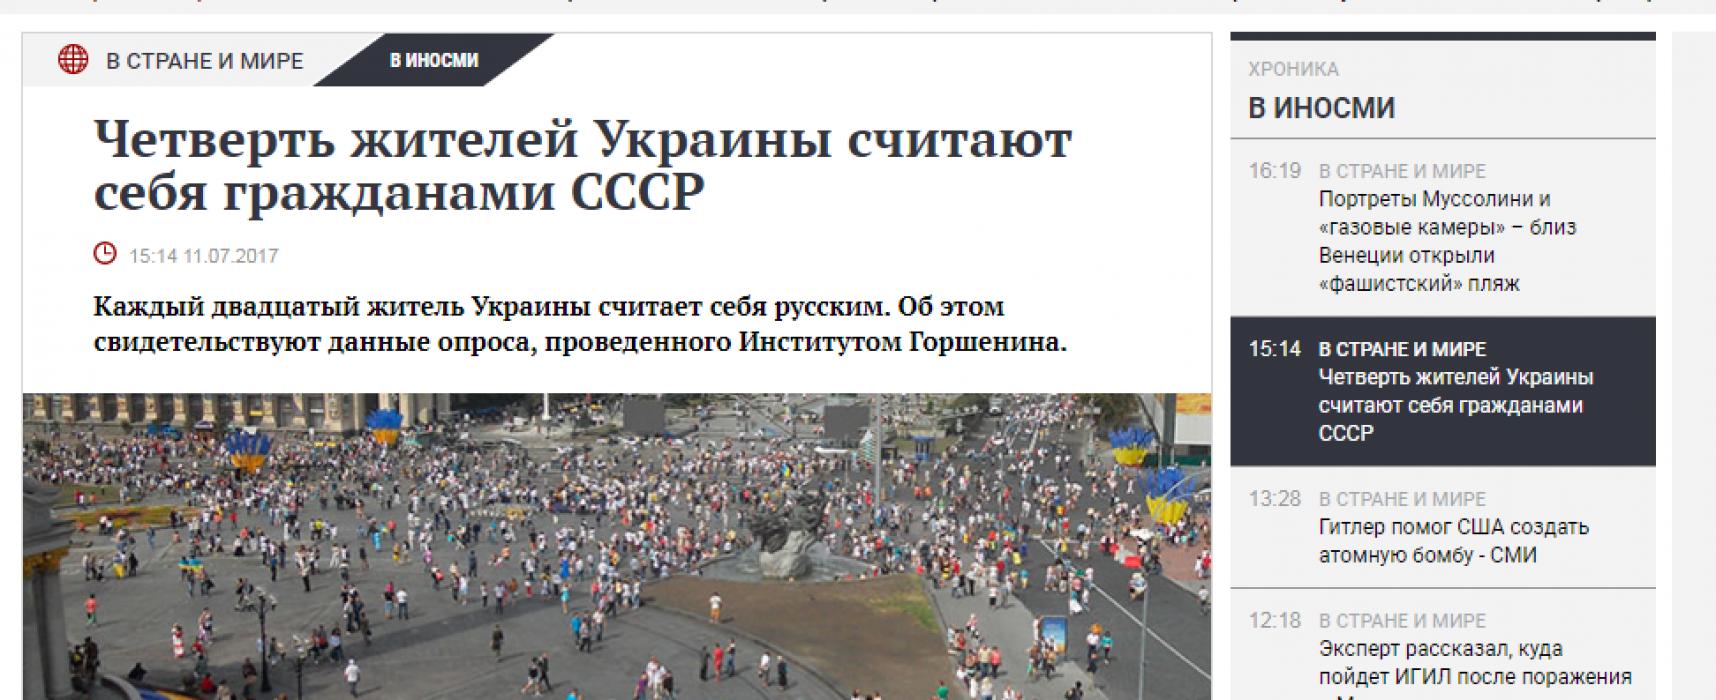 Фейк: Четверть жителей Украины считает себя гражданами СССР